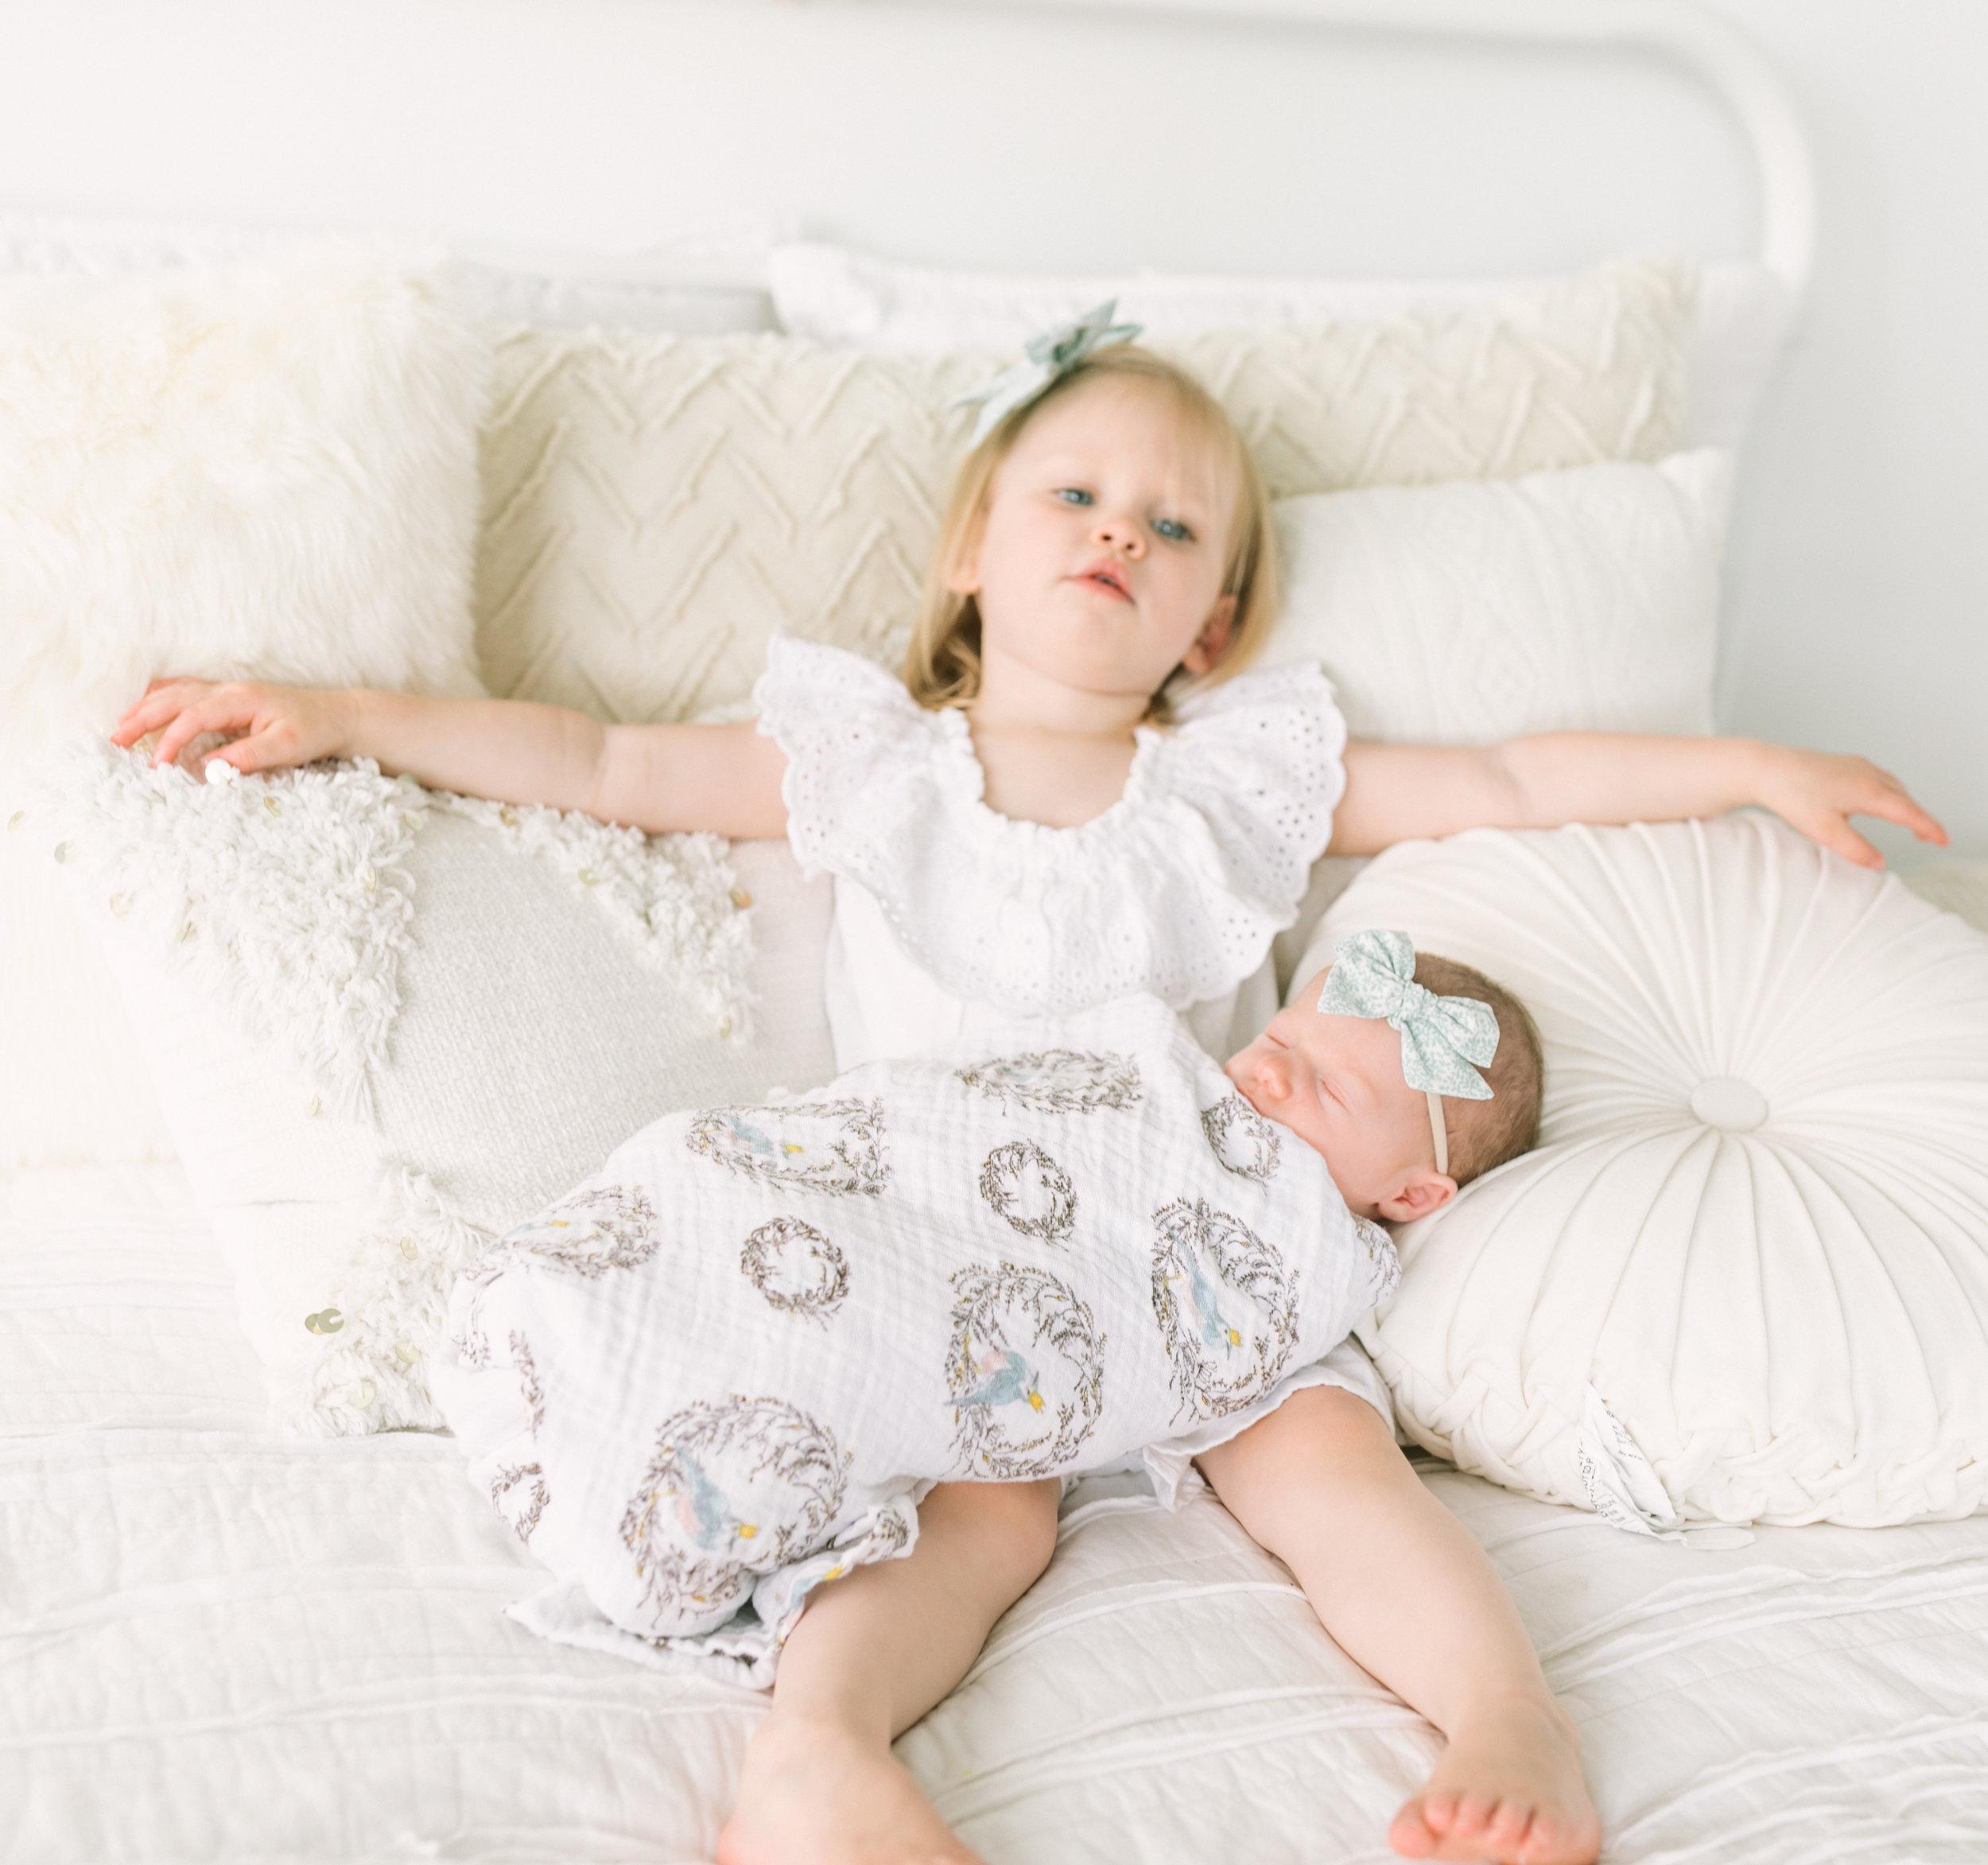 vanessa wyler waukesha newborn photographyvanessa wyler waukesha newborn photography